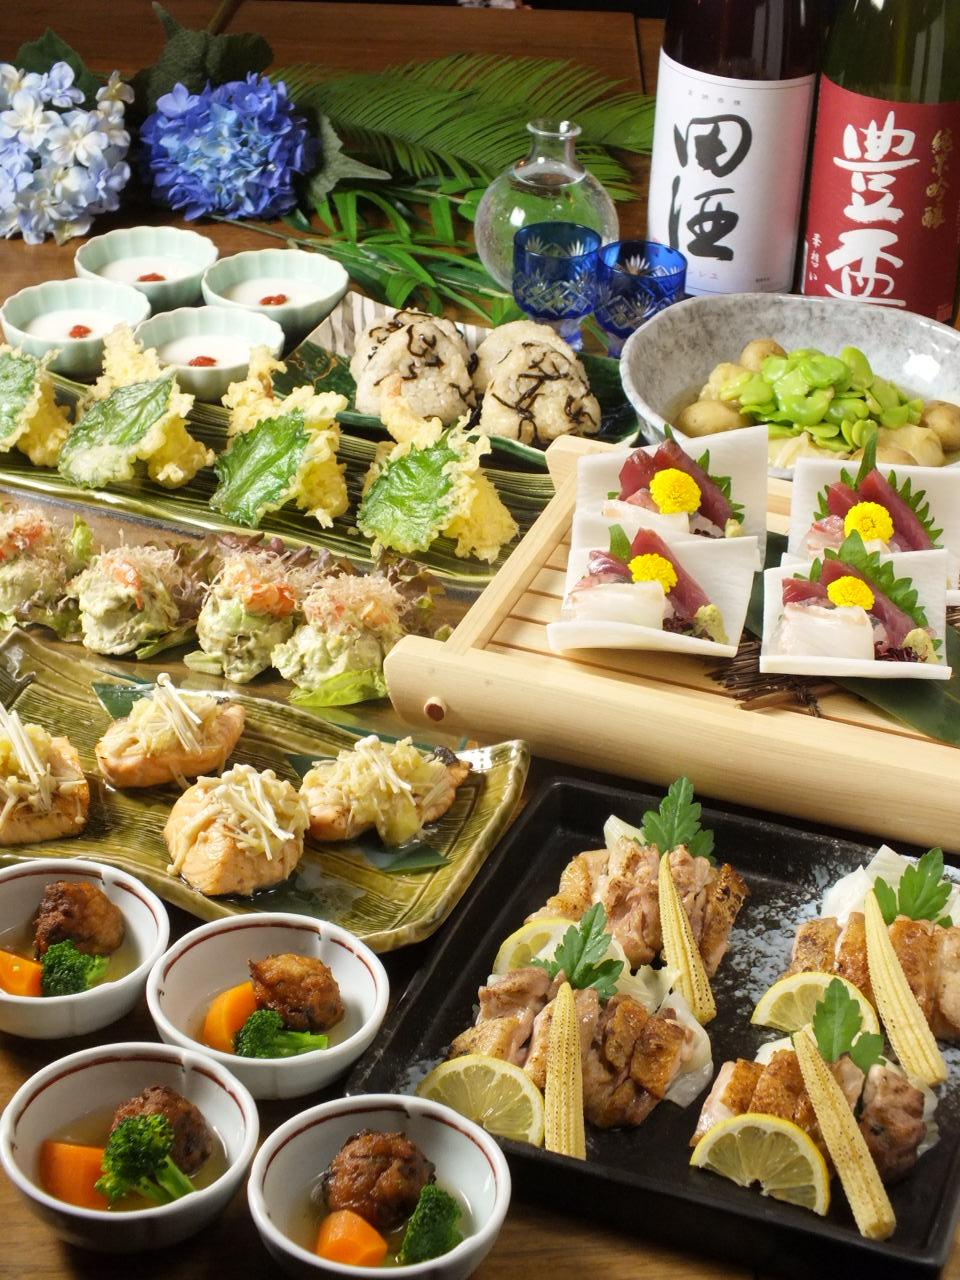 【土日・昼限定】昼宴会いわいどりコース5000円